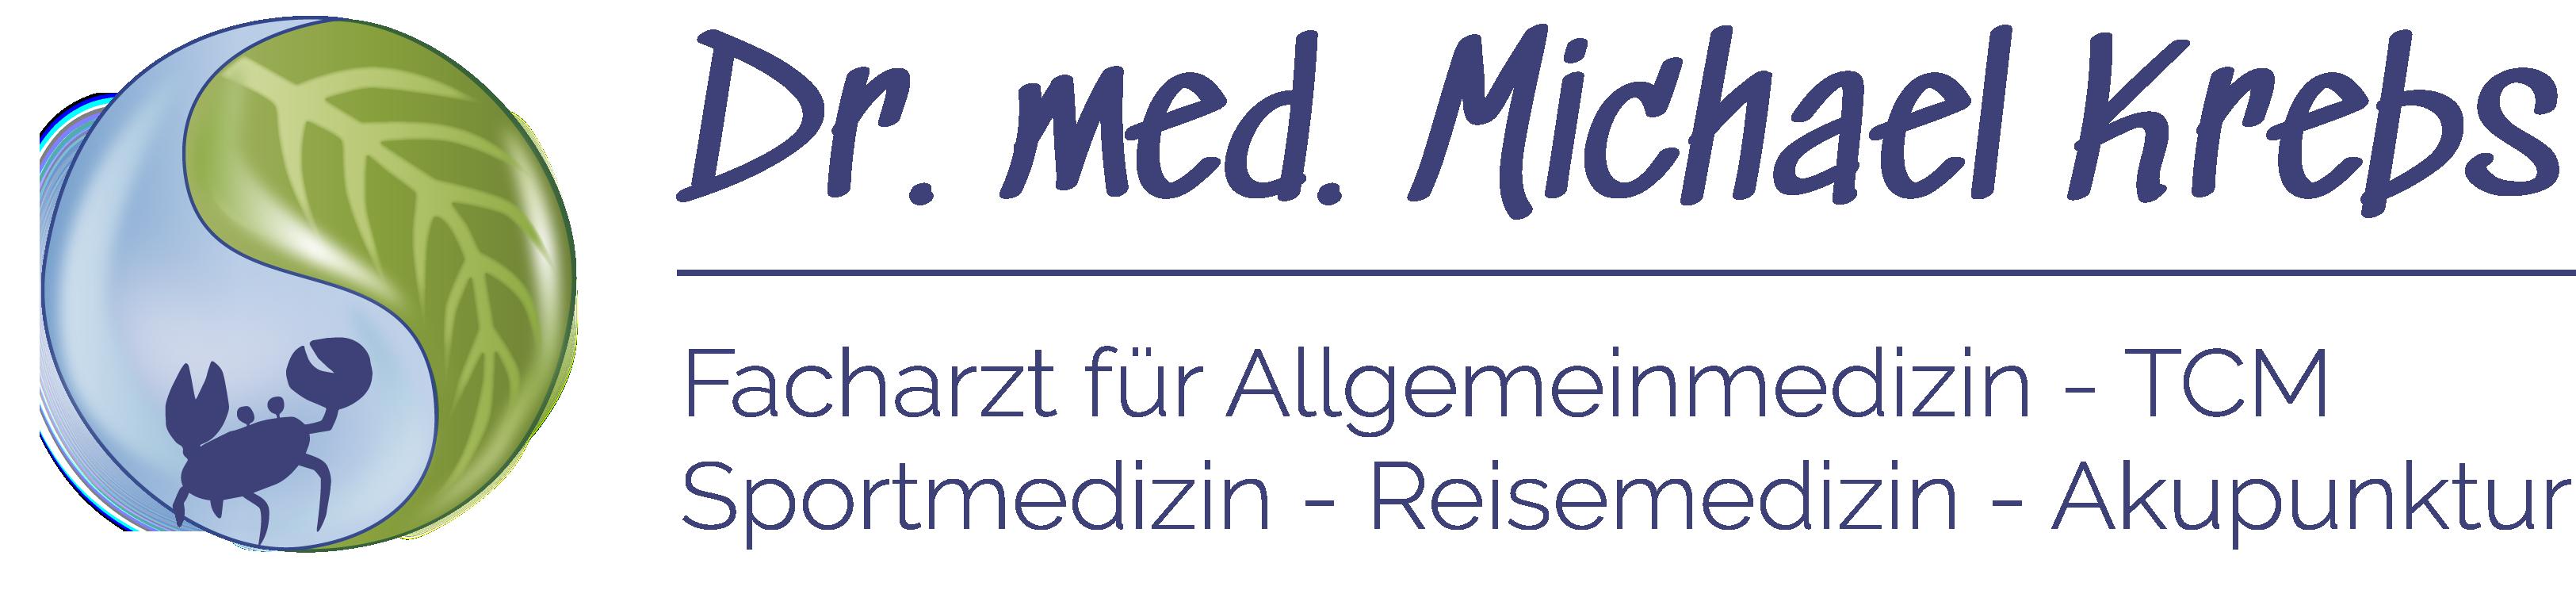 Praxis Dr. med. Michael Krebs - Ihr Hausarzt in Landshut für Innere- und Allgemeinmedizin